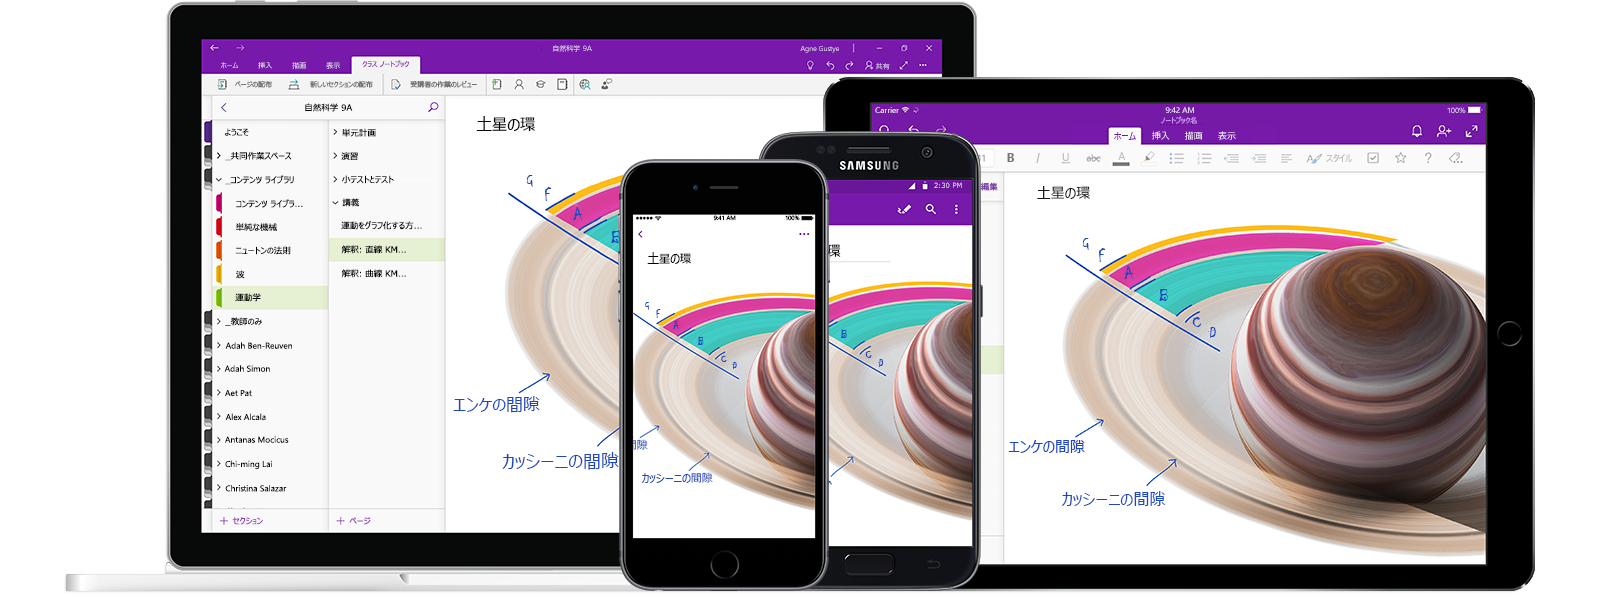 自然科学 9A というタイトルの OneNote ノートブックが 2 台のスマートフォンと 2 台のタブレット コンピューターに表示され、線グラフの授業を示しています